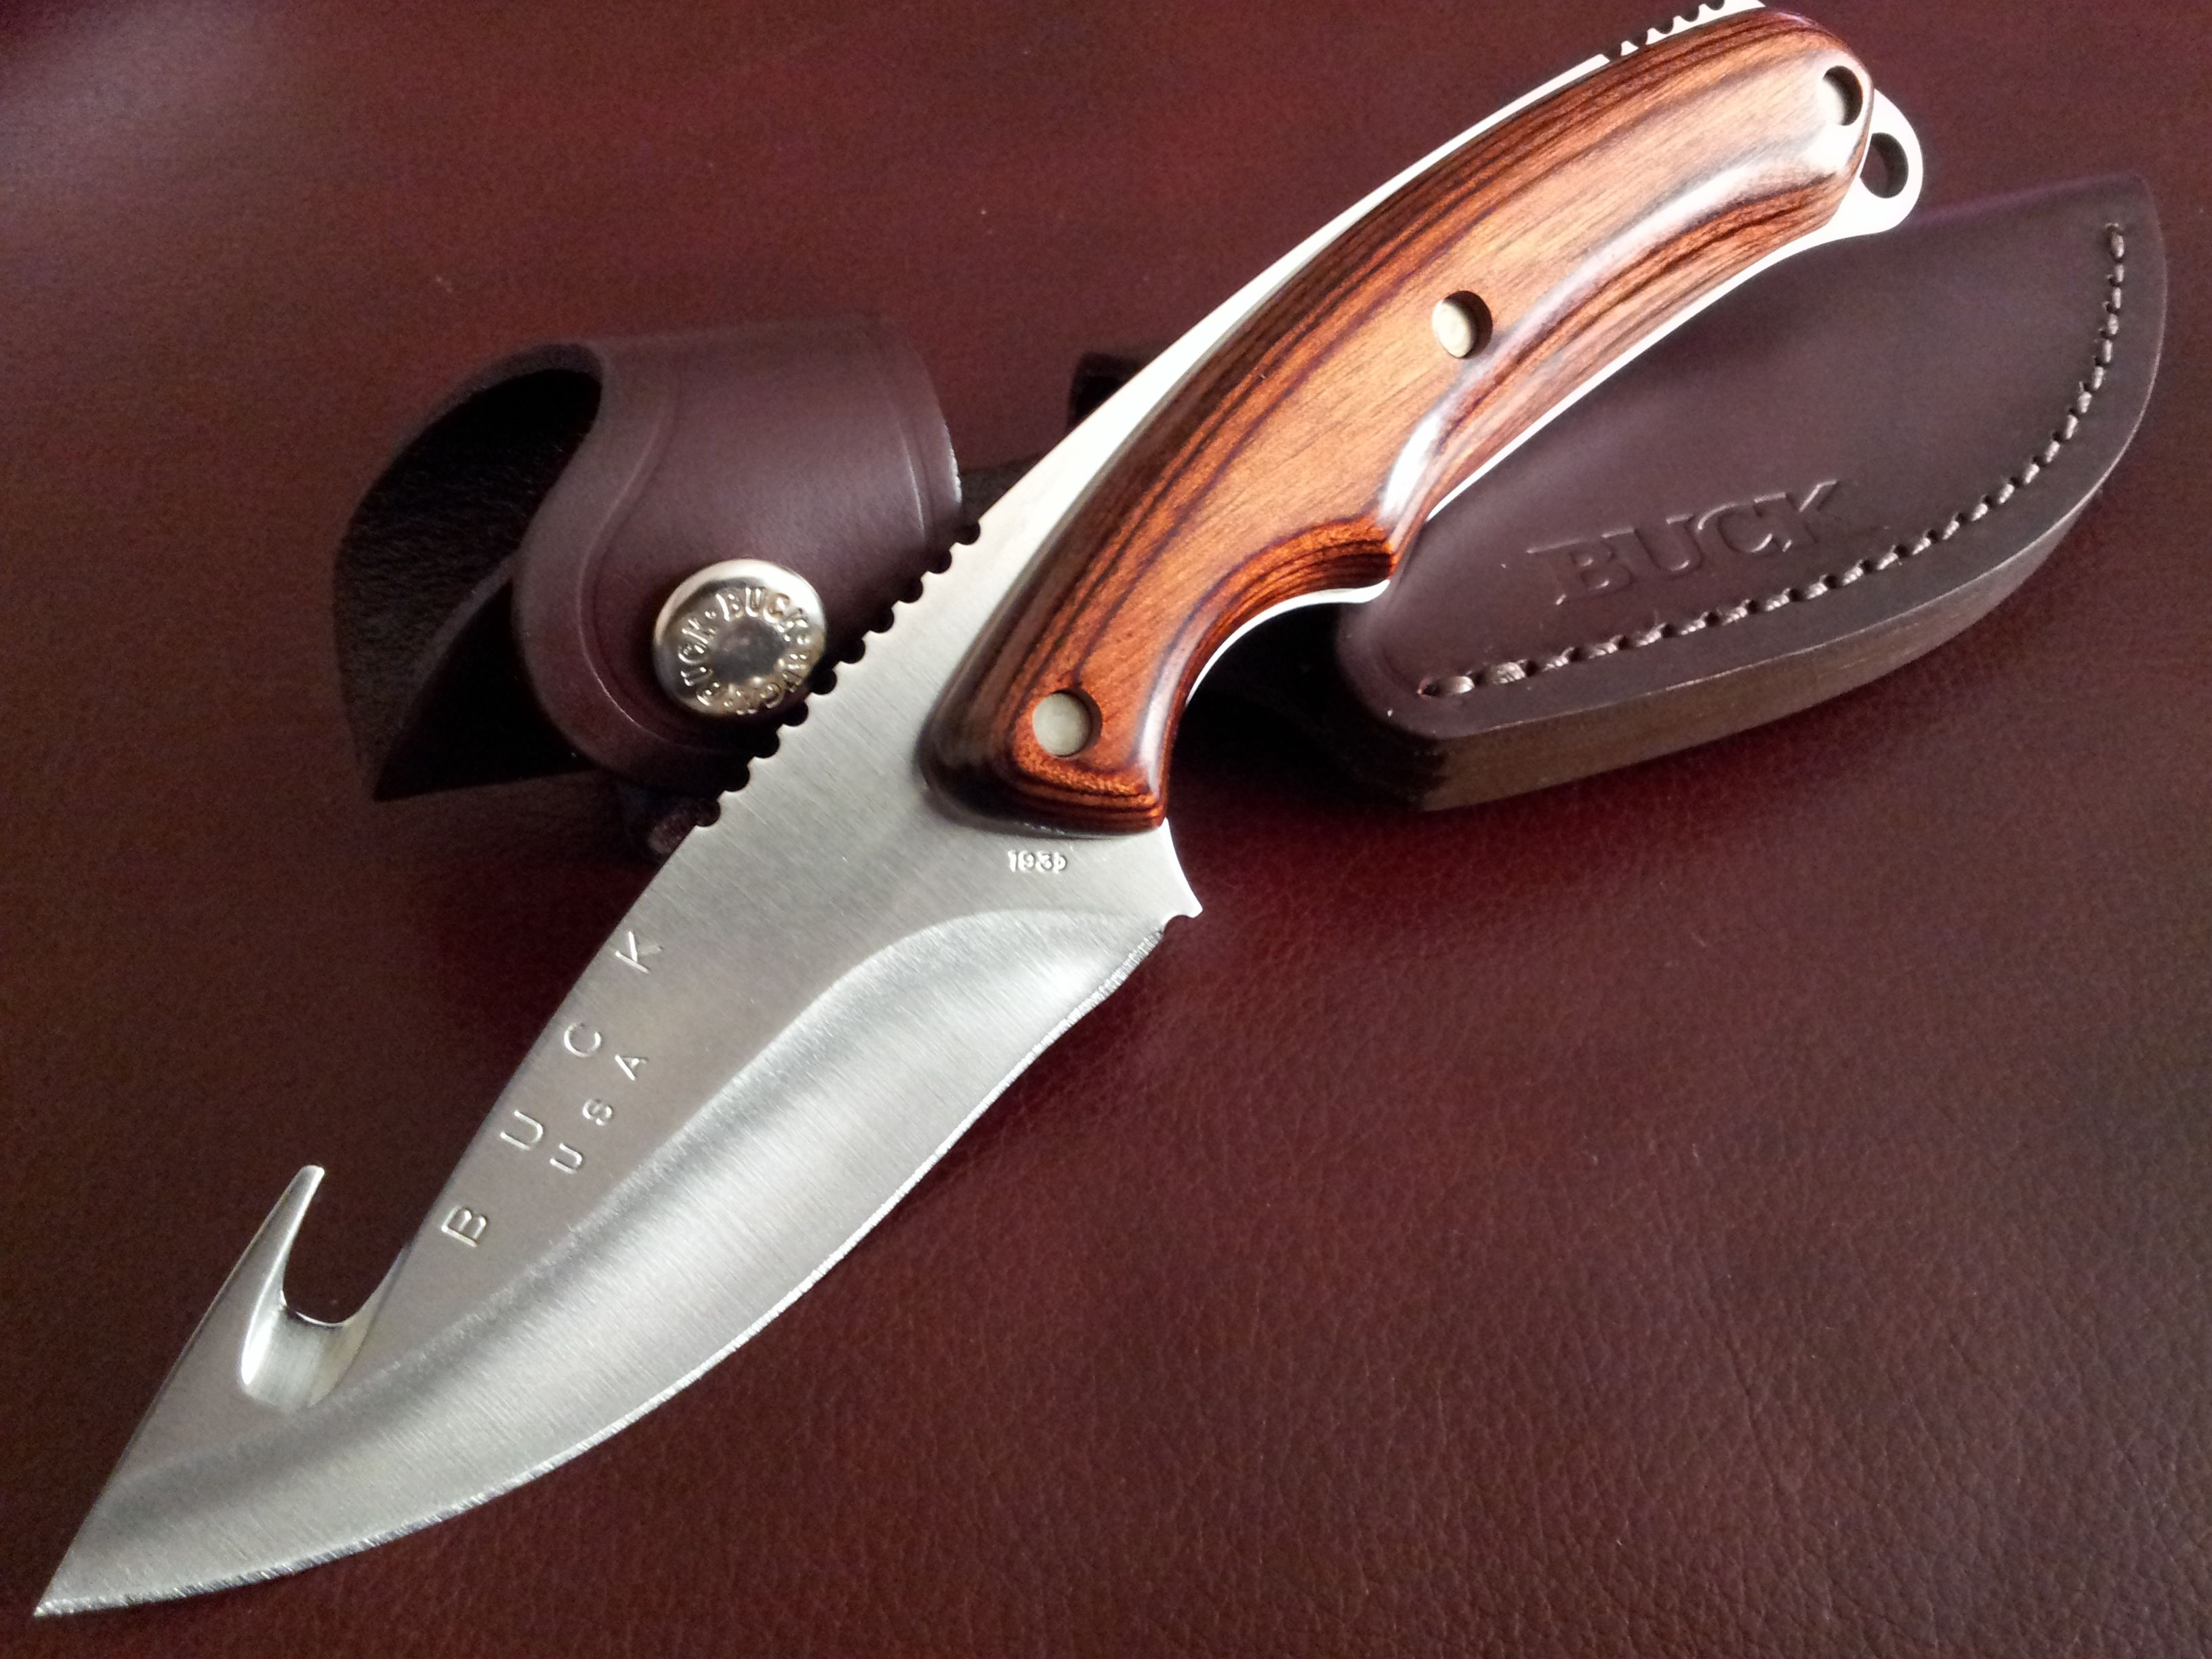 Buck 193 Alpha Hunter, Gut Hook Fixed Blade Knife (personal